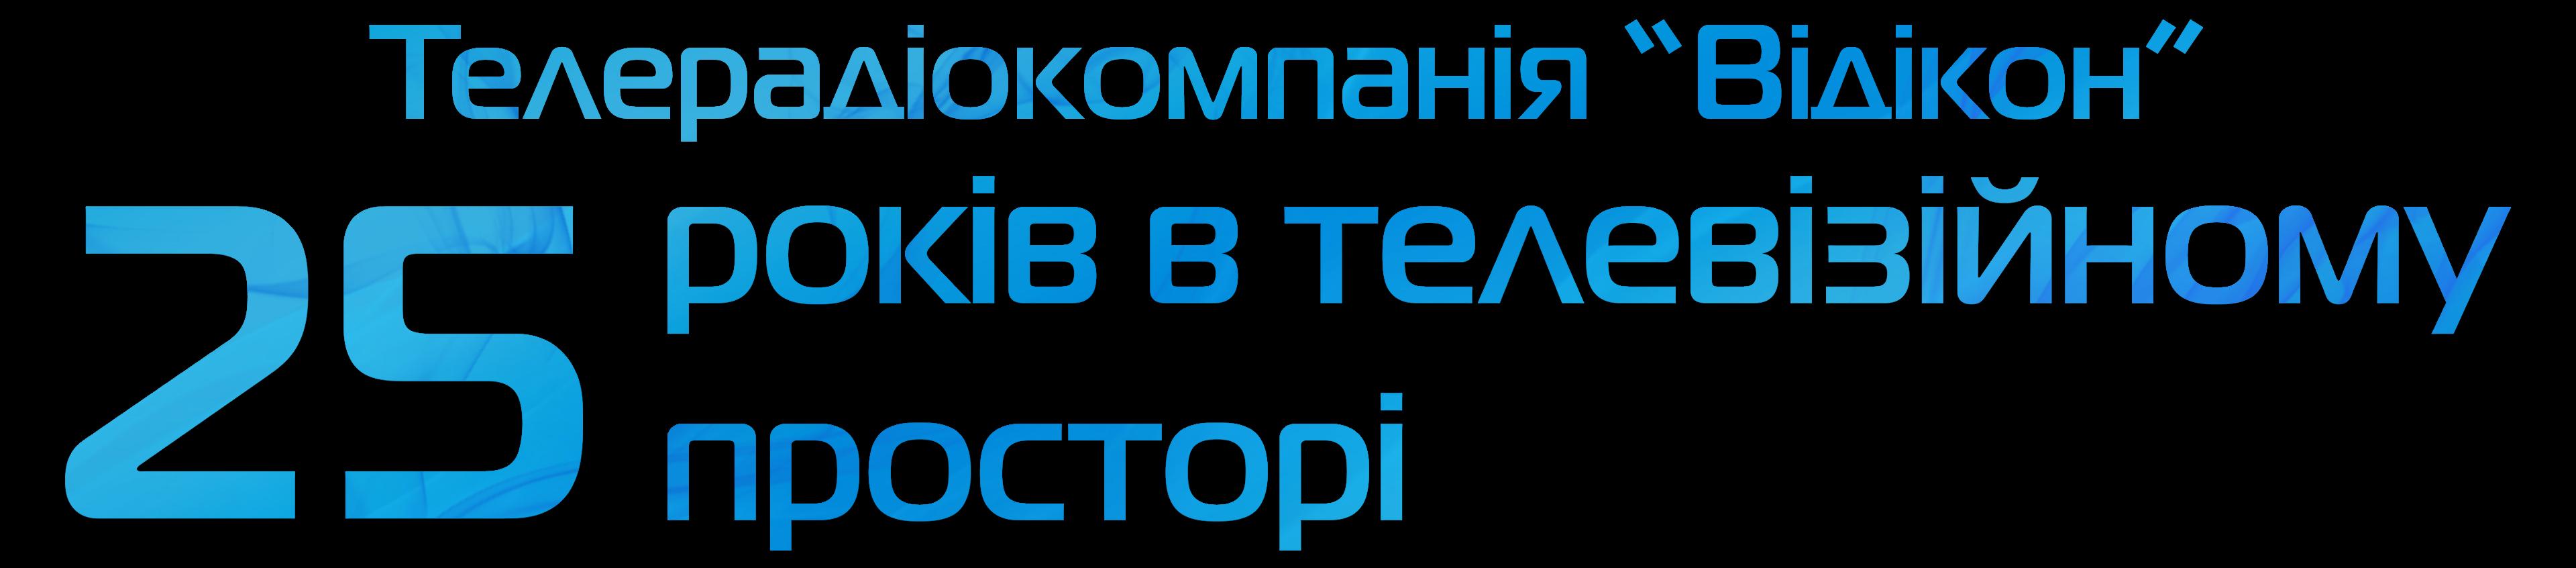 fp-title_008